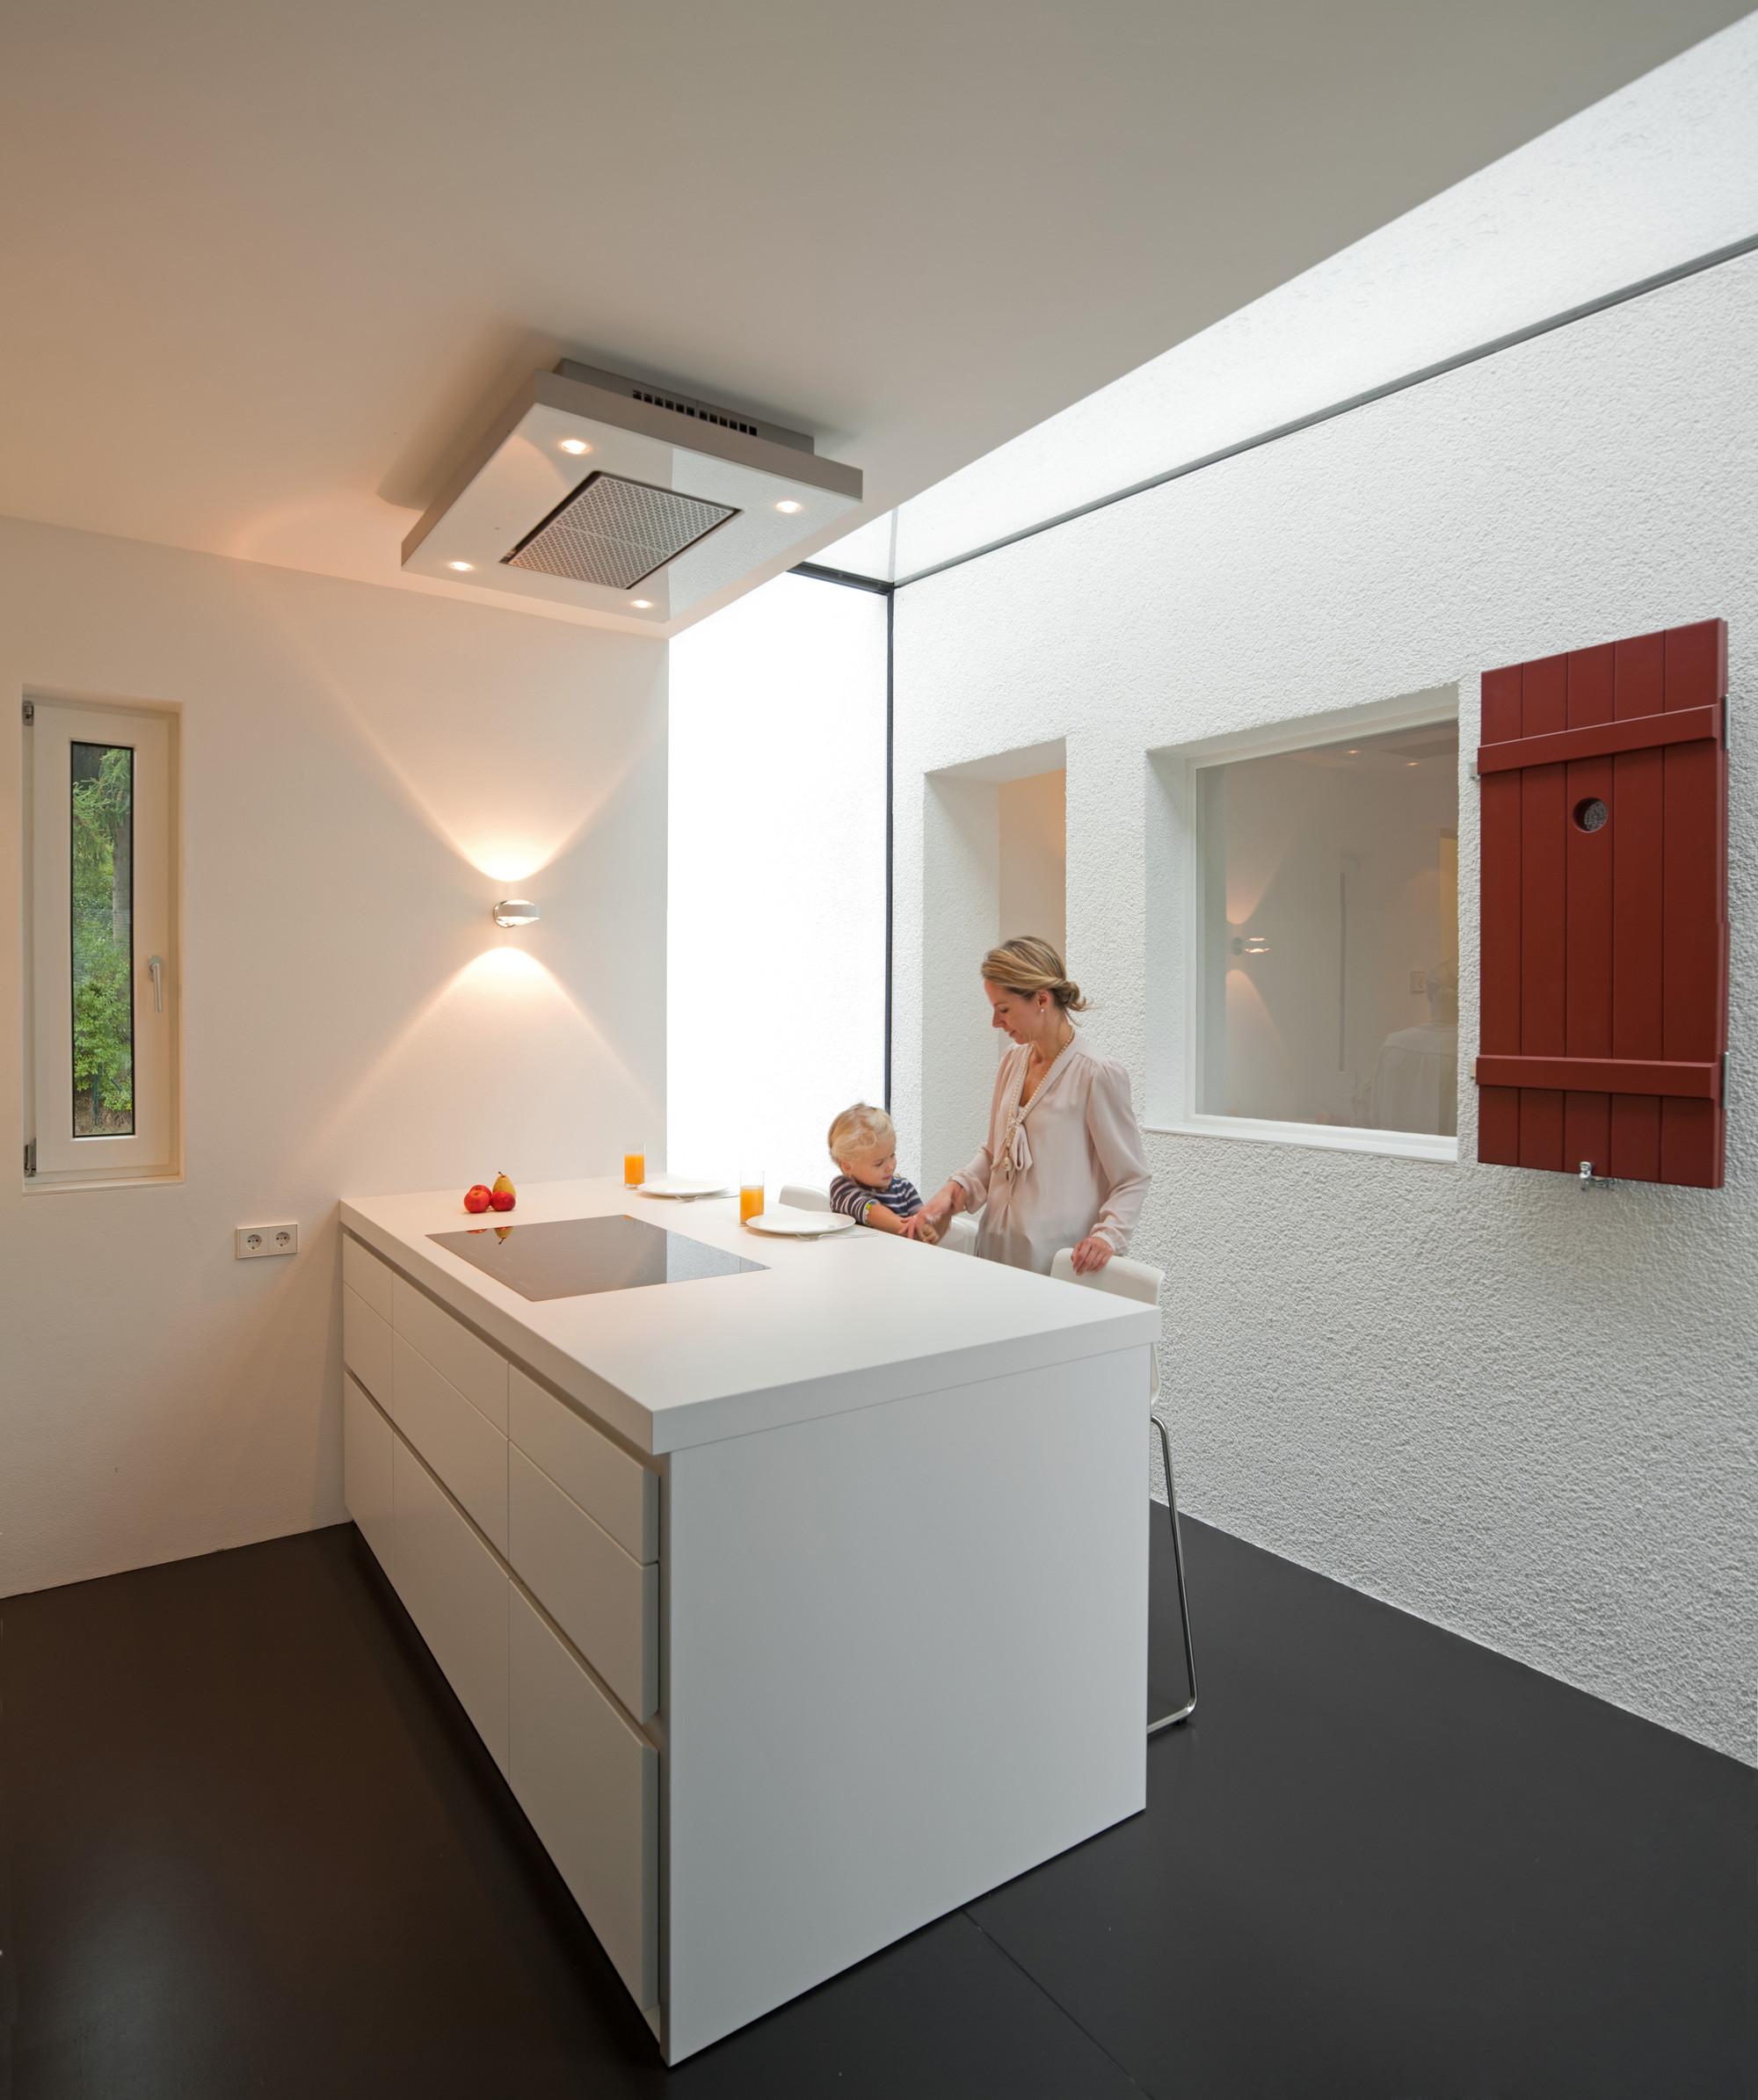 Interstice / Fabi Architekten BDA